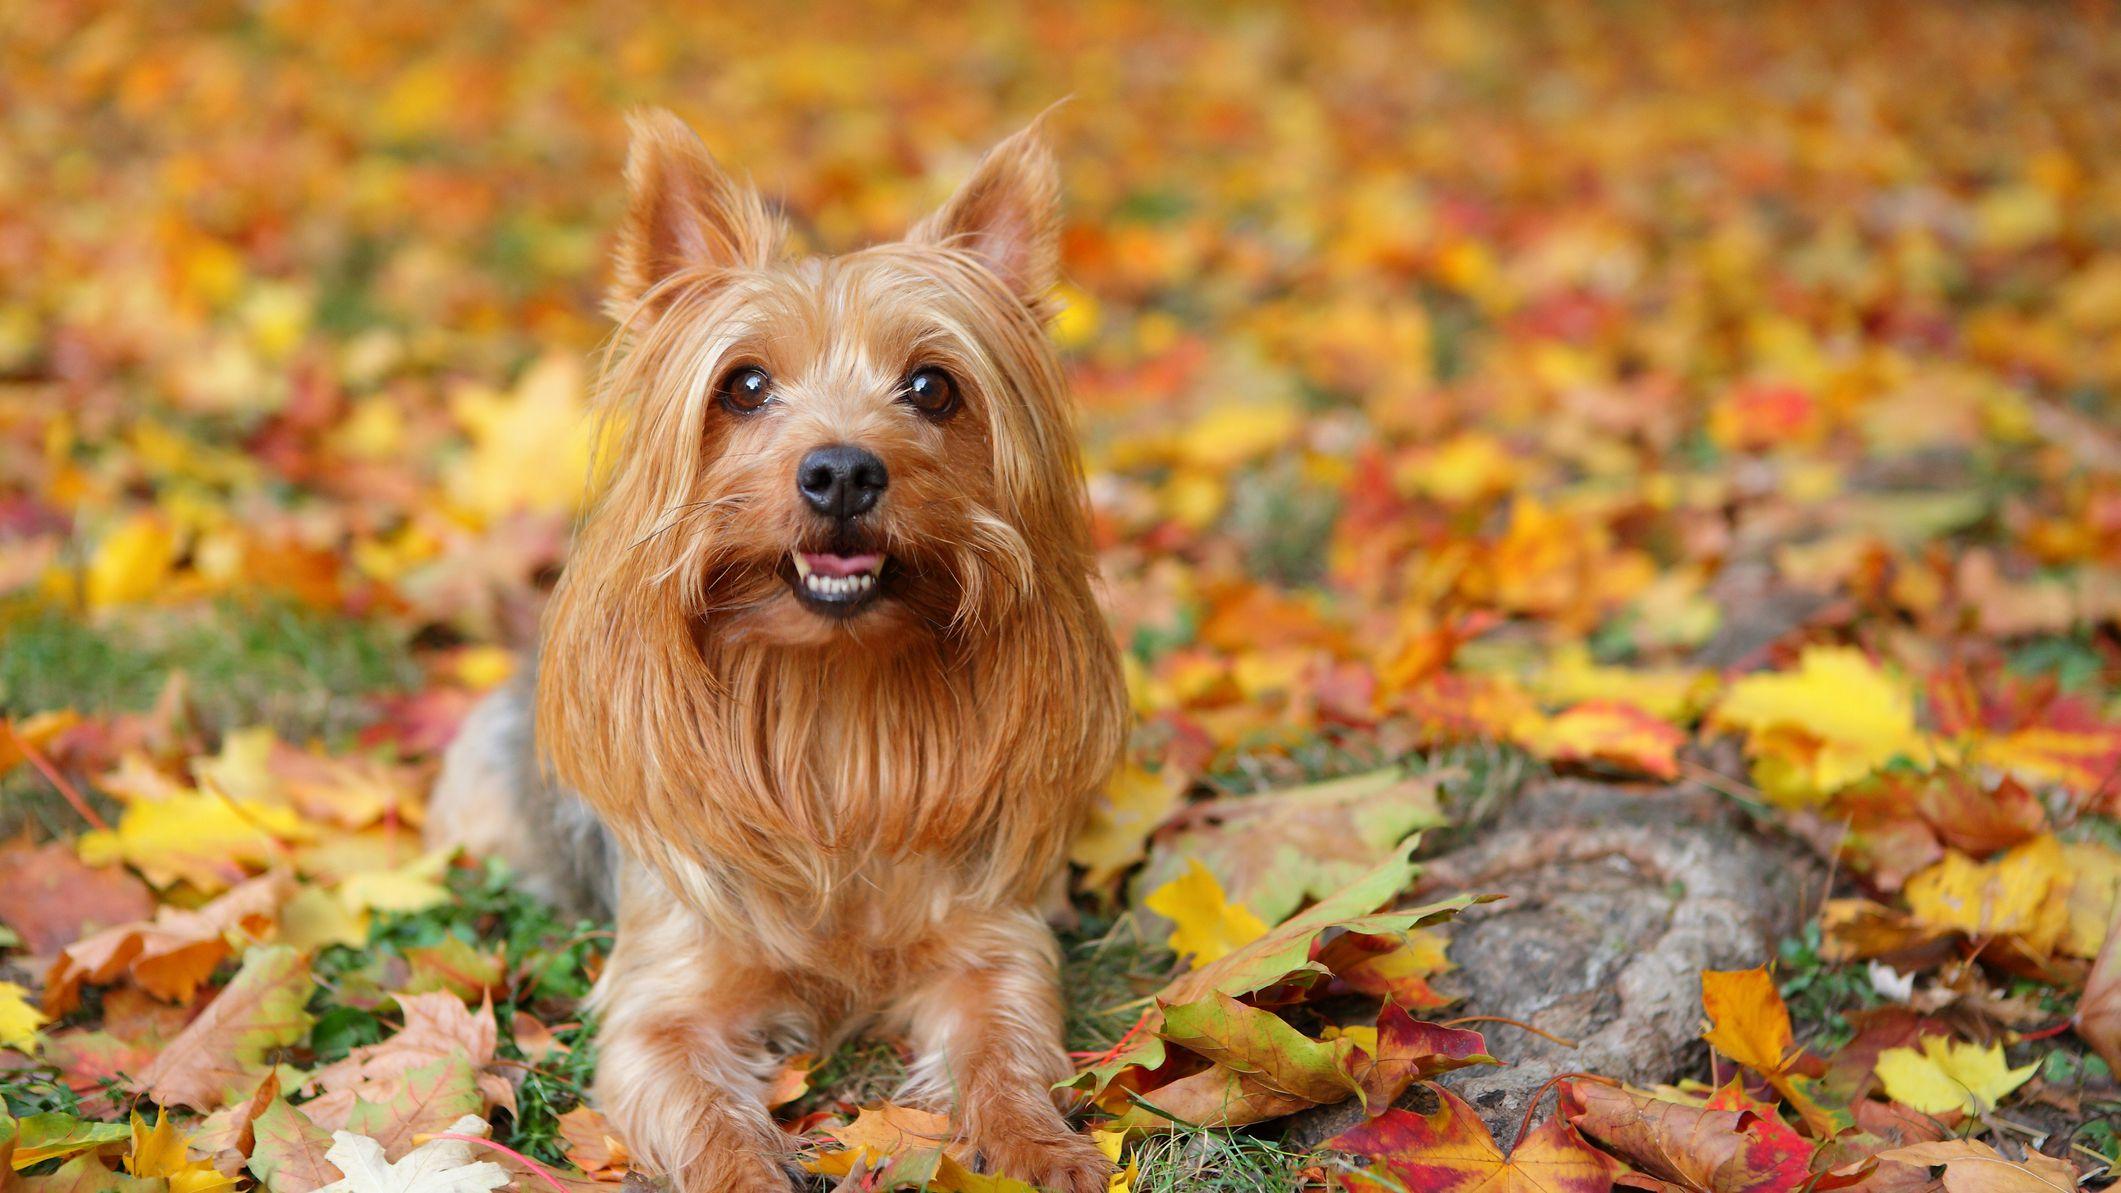 SilkyTerrier-alaska dog works